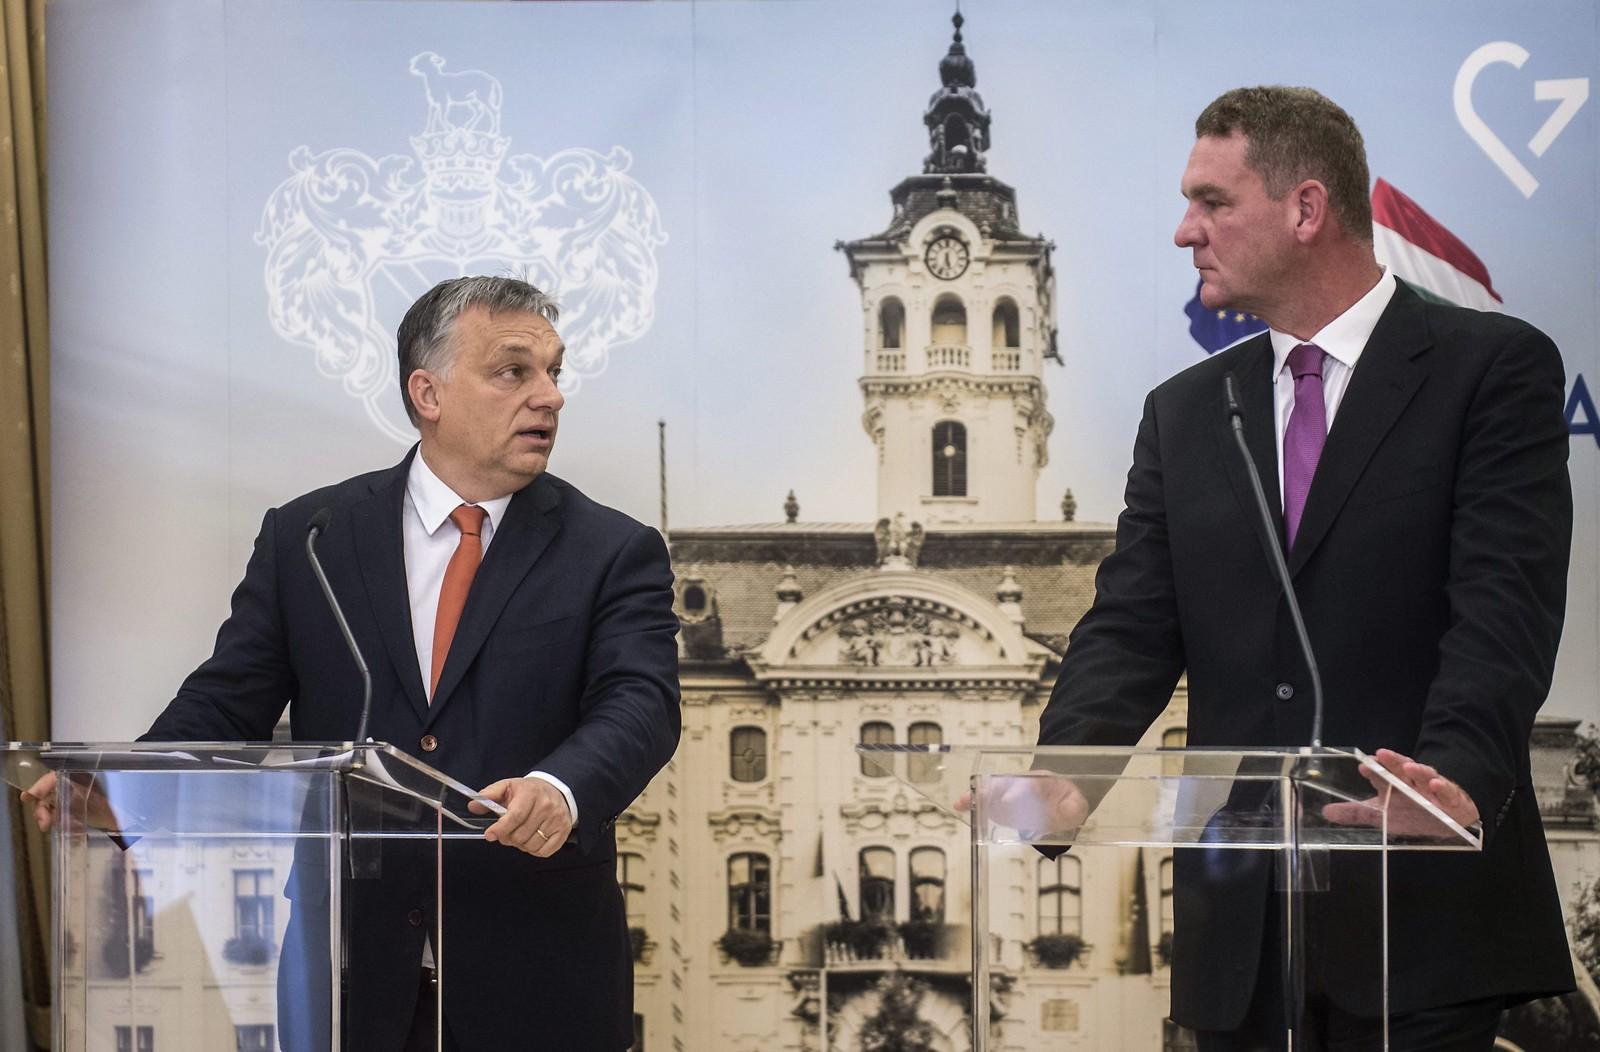 Brutális csökkenés a Szegednek juttatott EU-s pénzekben, politikai okokat sejtenek mögötte